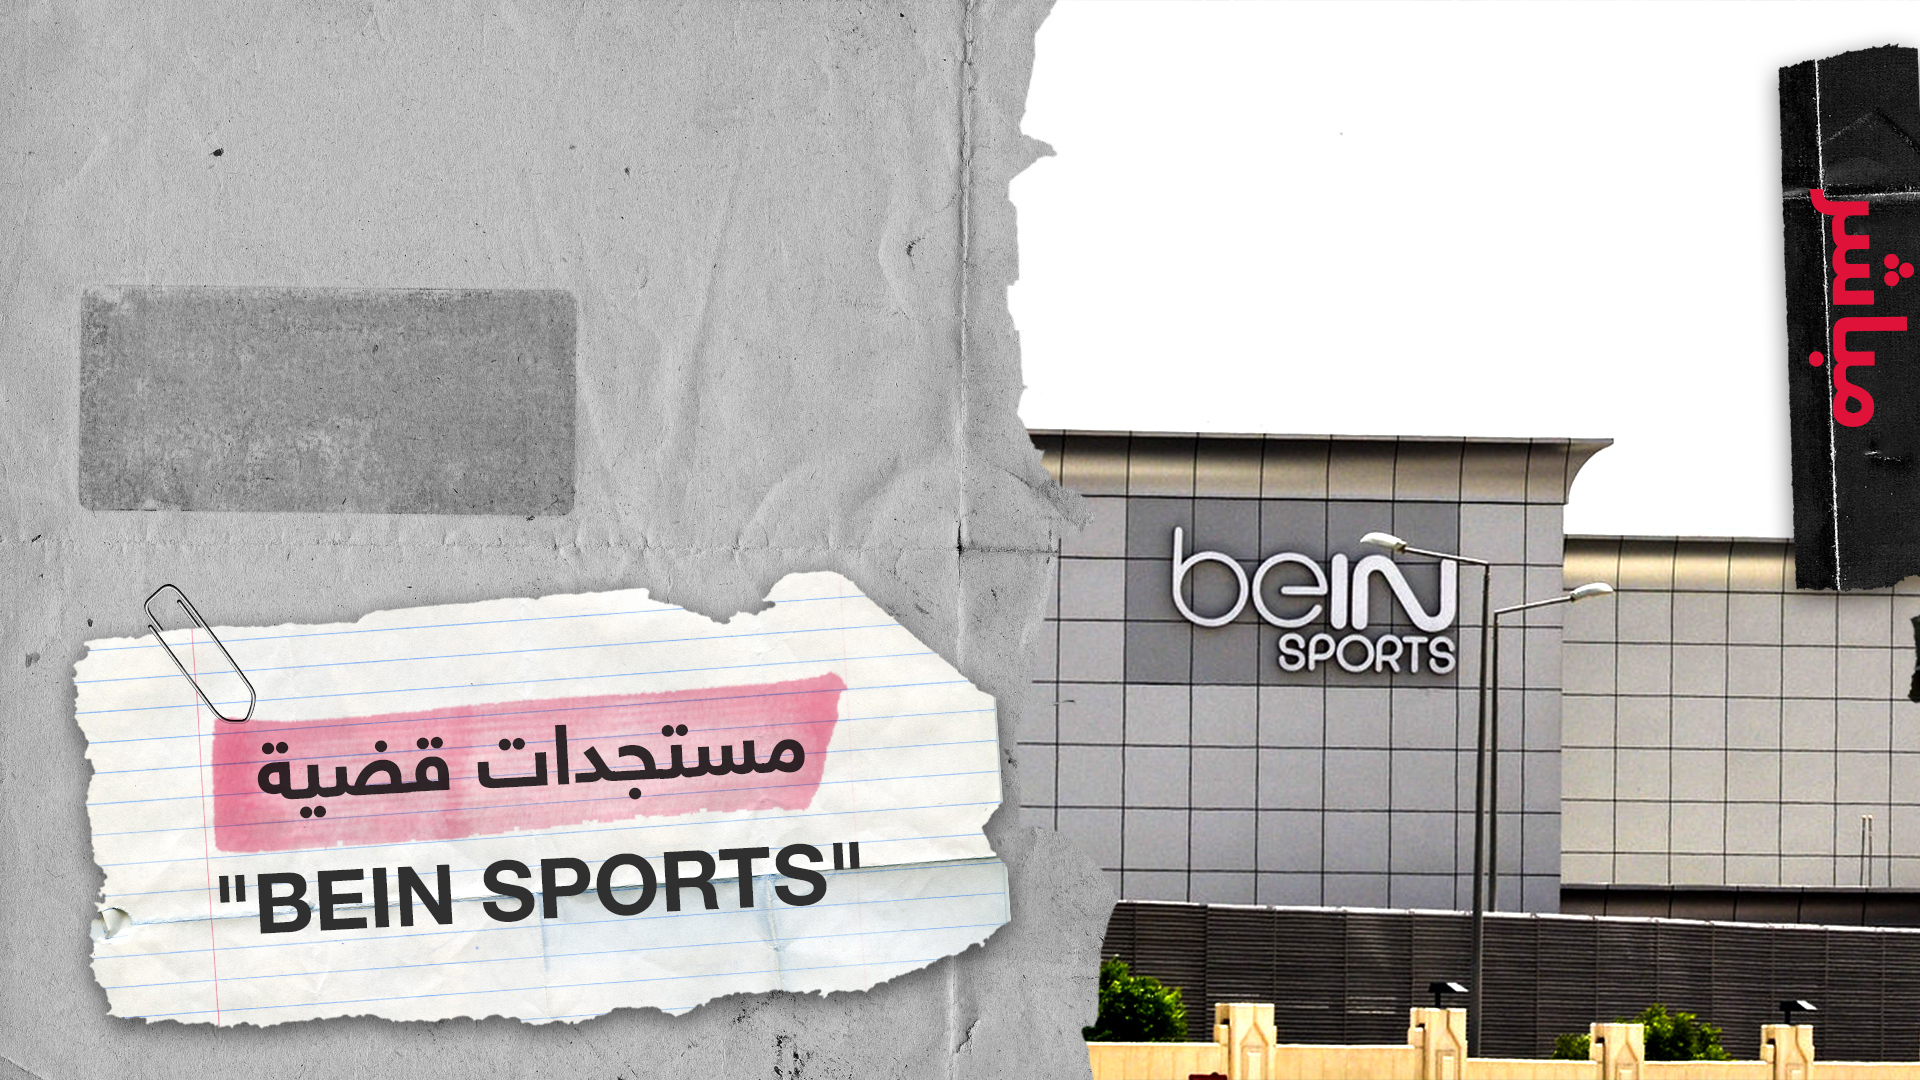 """قطر تكذّب تقريرا سعوديا حول حكم """"التجارة العالمية"""" بخصوص قضية """"bein sports"""""""